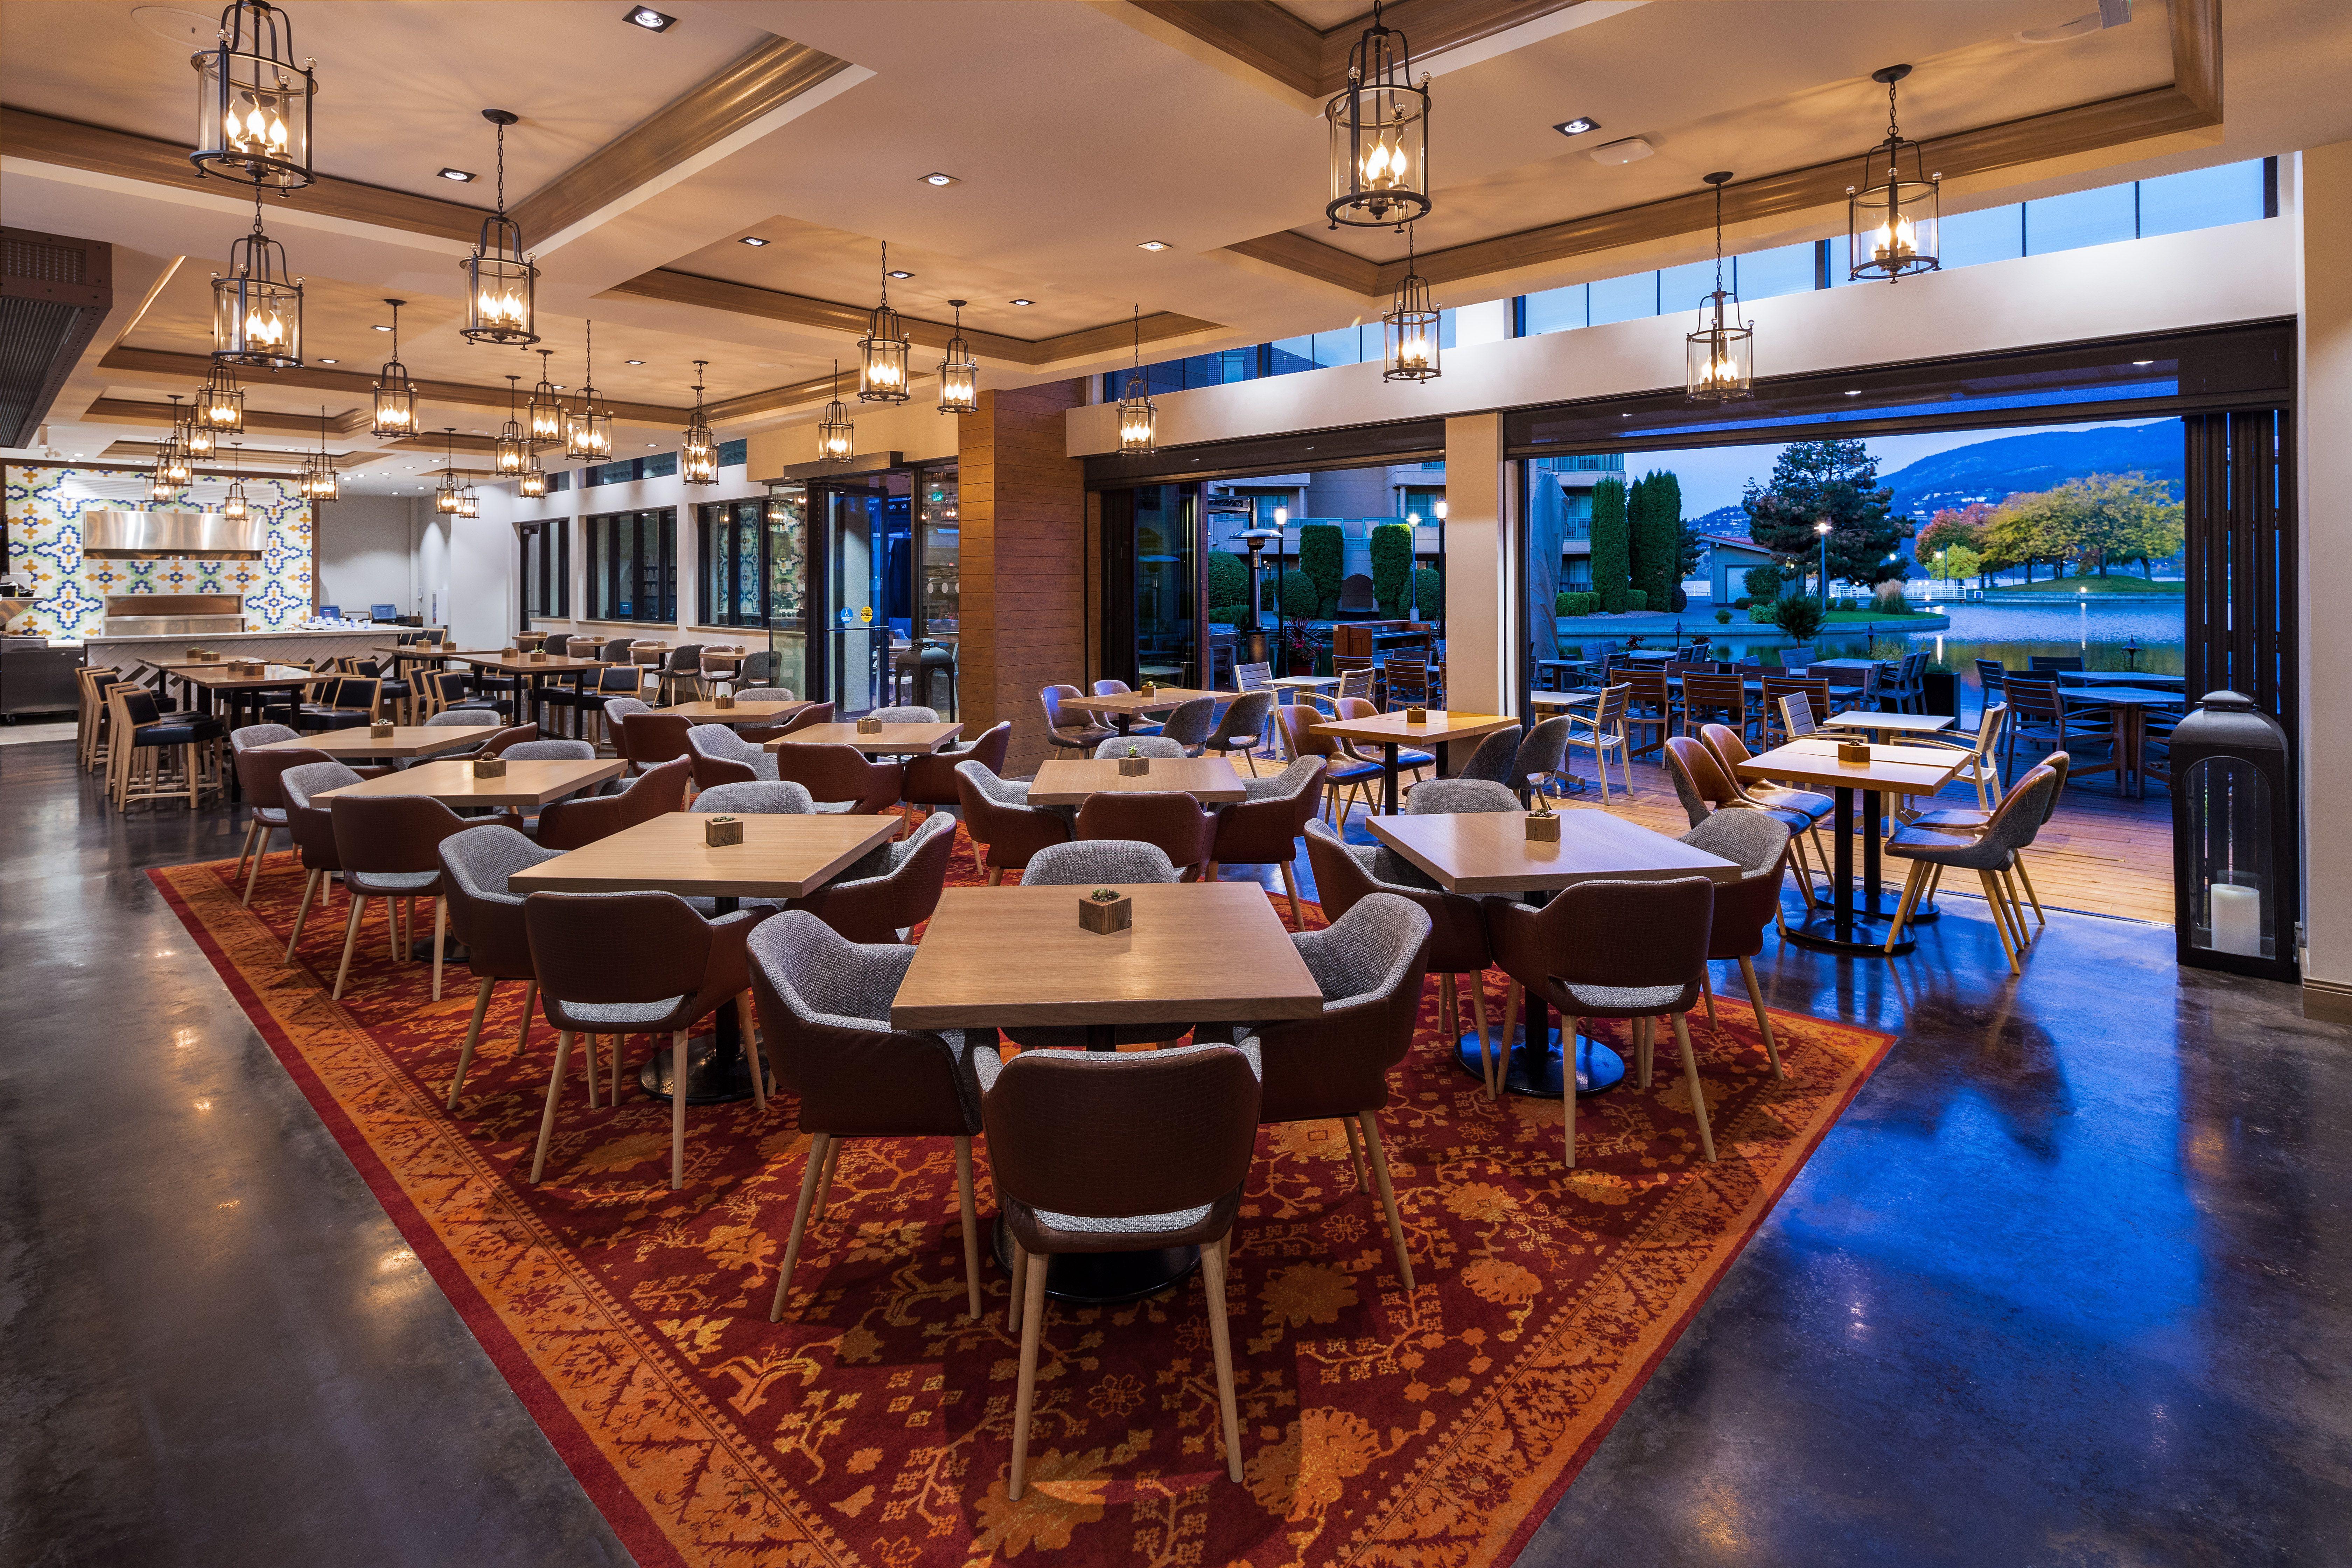 Delta Hotels By Marriott Grand Okanagan Resort Oak Cru Social Kitchen Wine Bar Kitchen Bar Design Kitchen Concepts Hotel